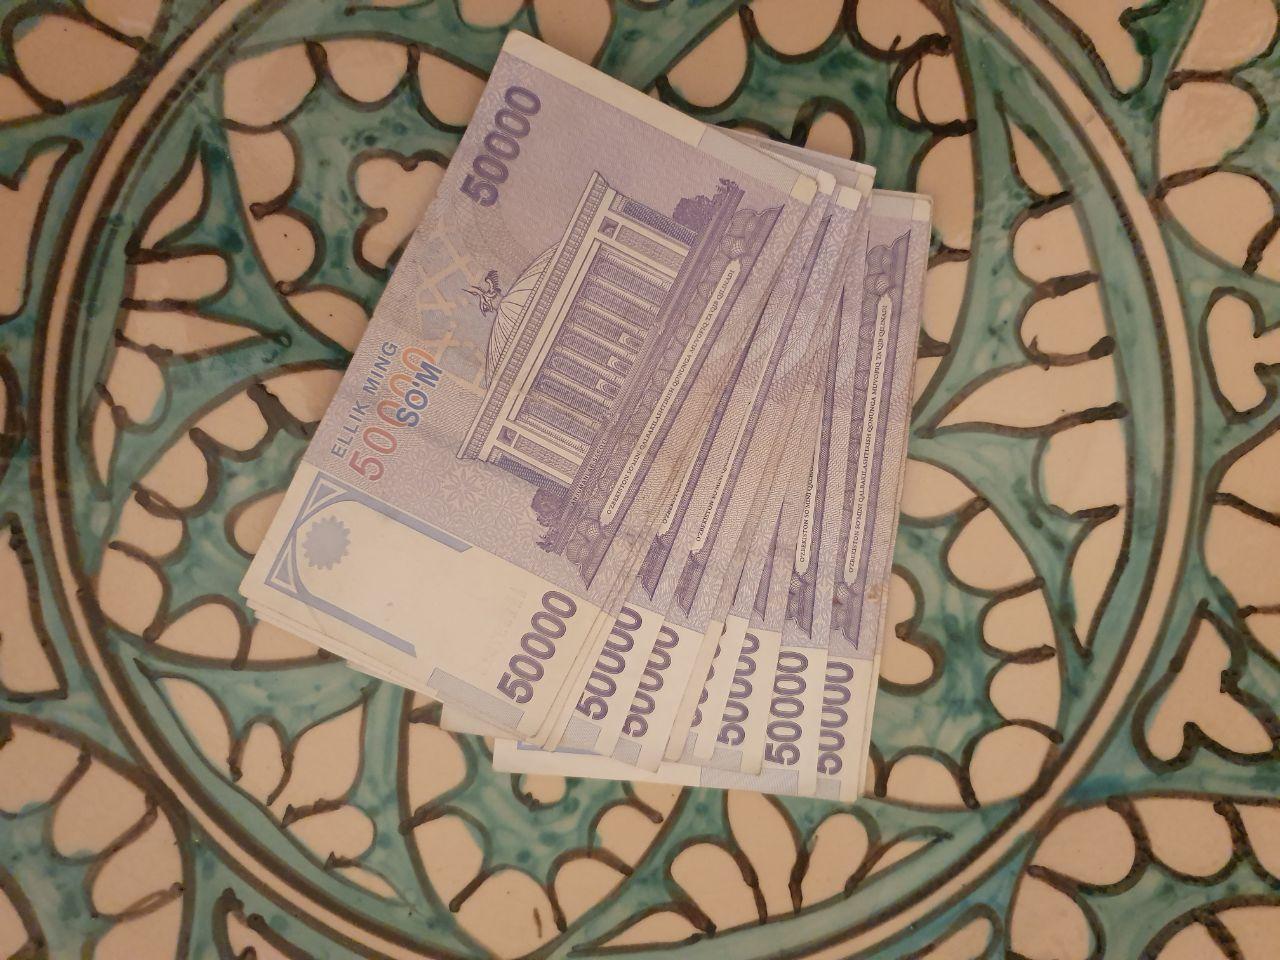 О внутреннем валютном рынке Узбекистана